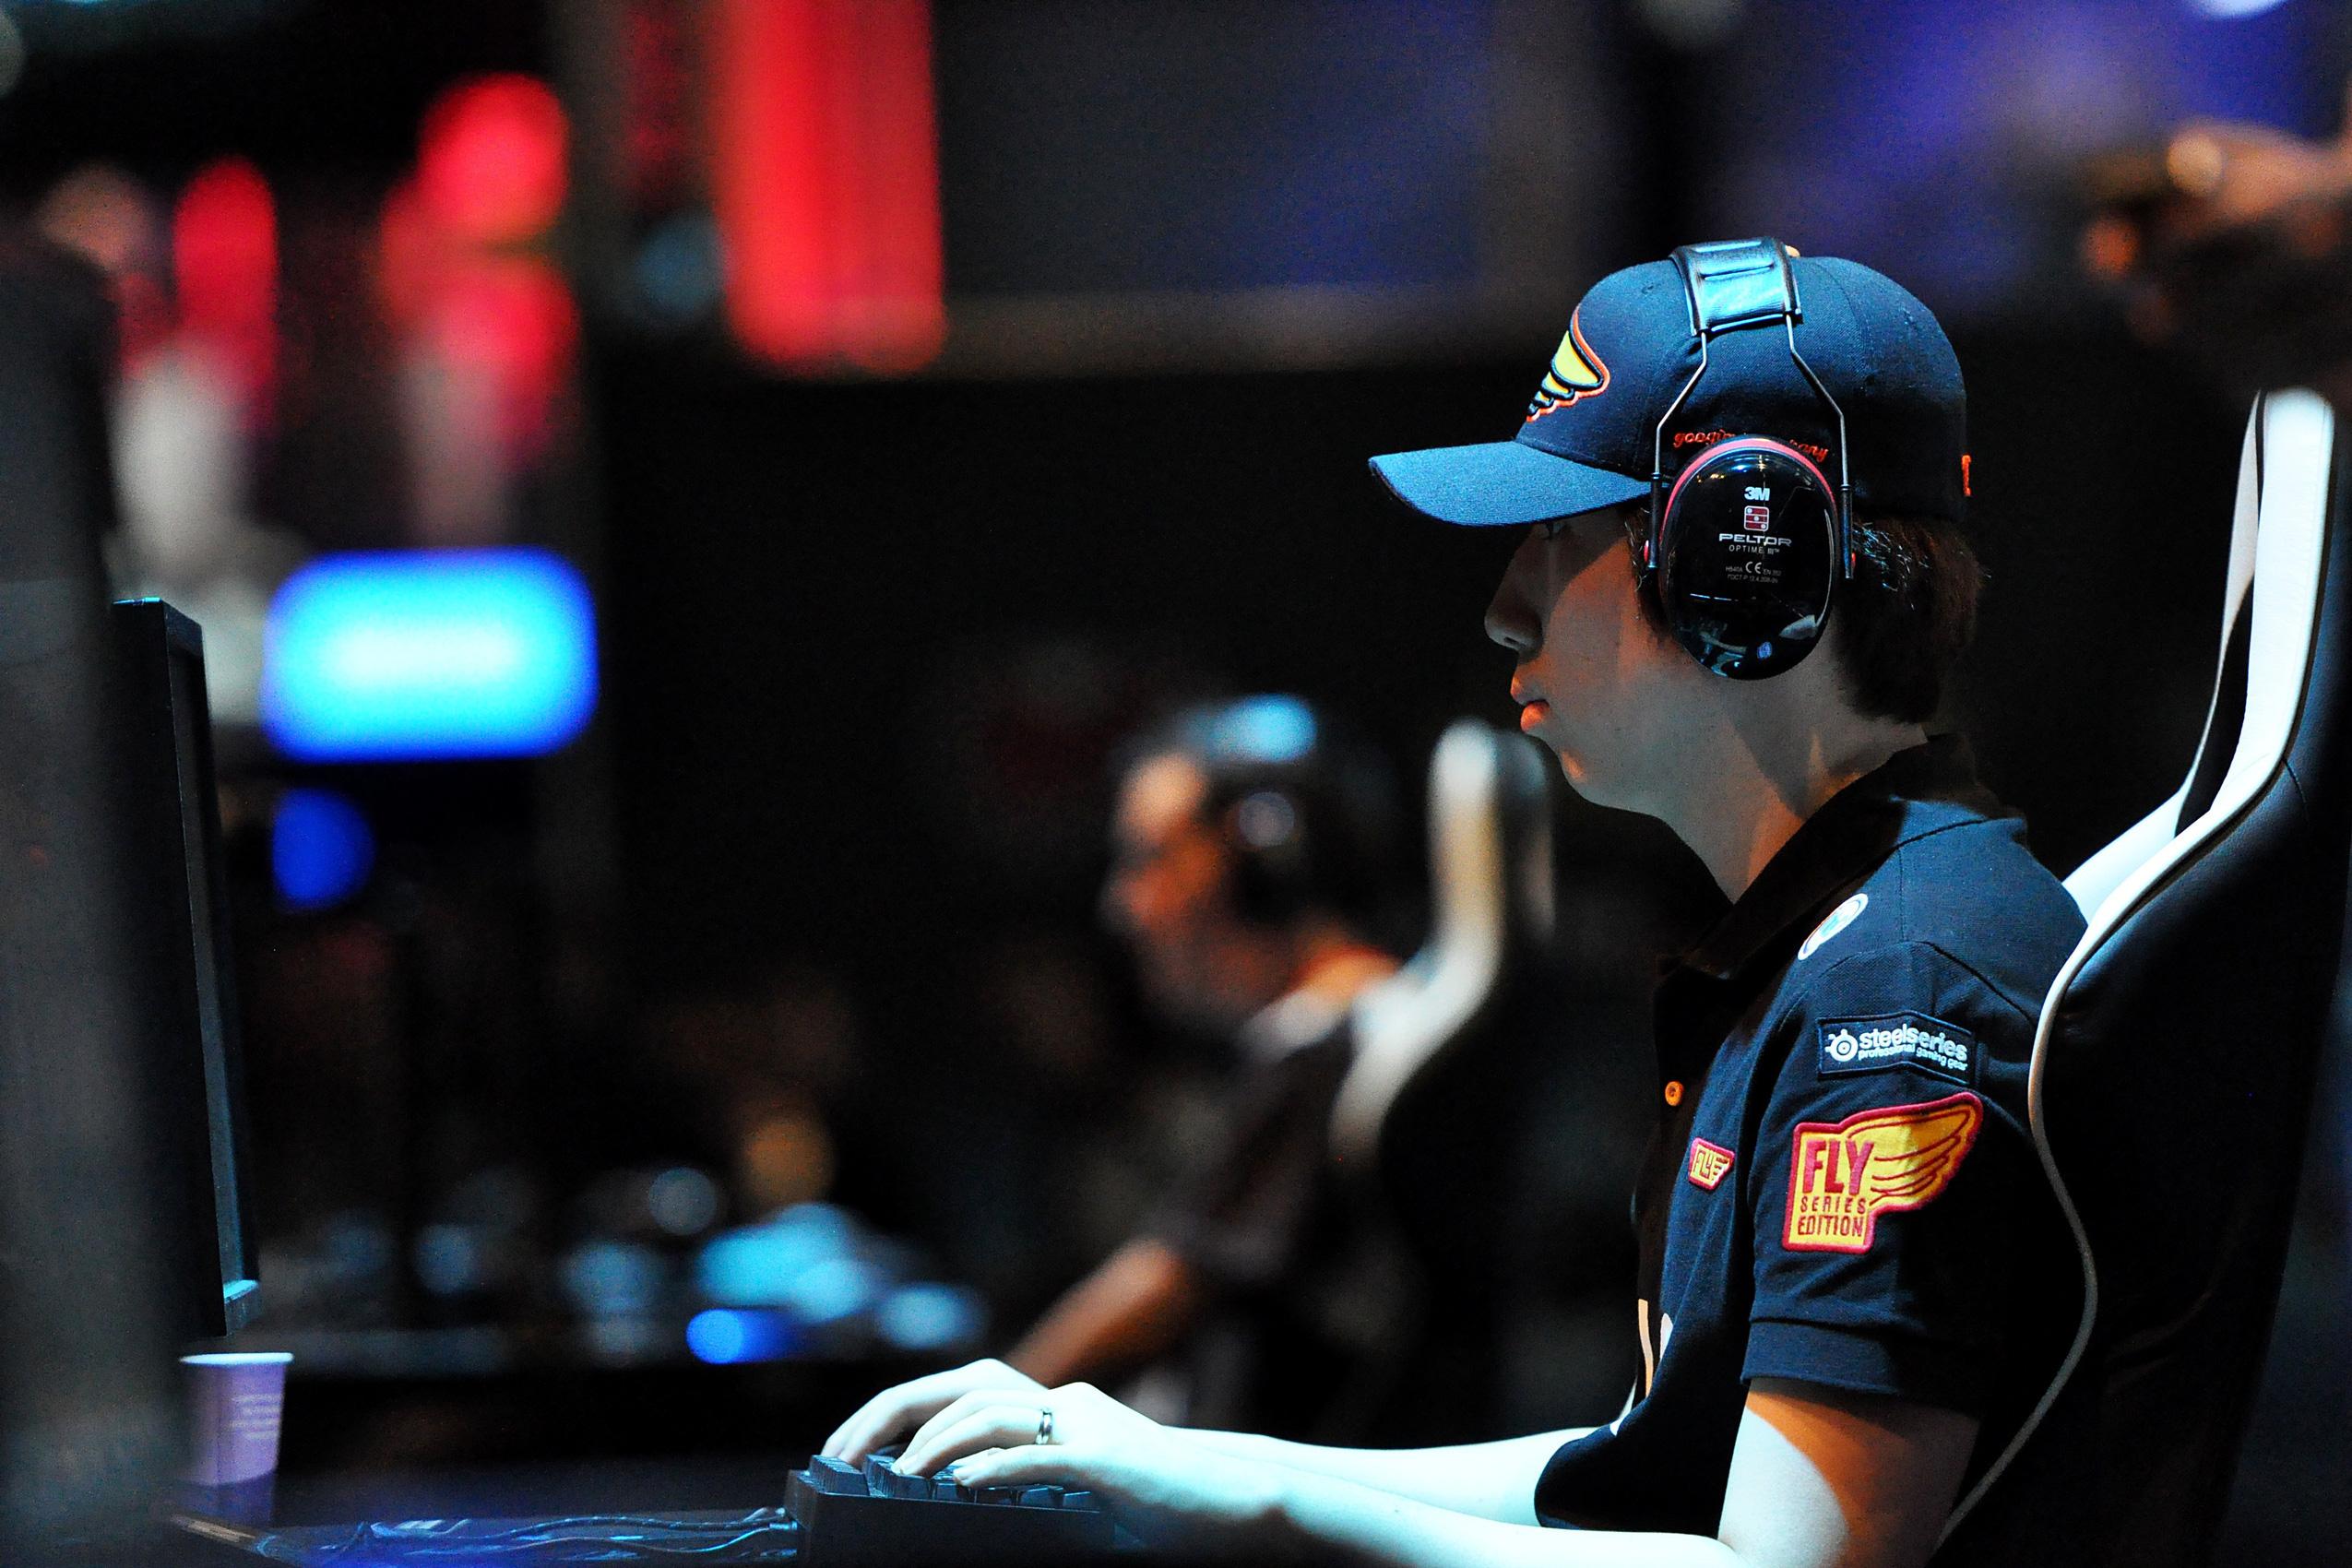 Việt Nam ghi nhận tăng trưởng 50% trong chi tiêu vào trò chơi điện tử